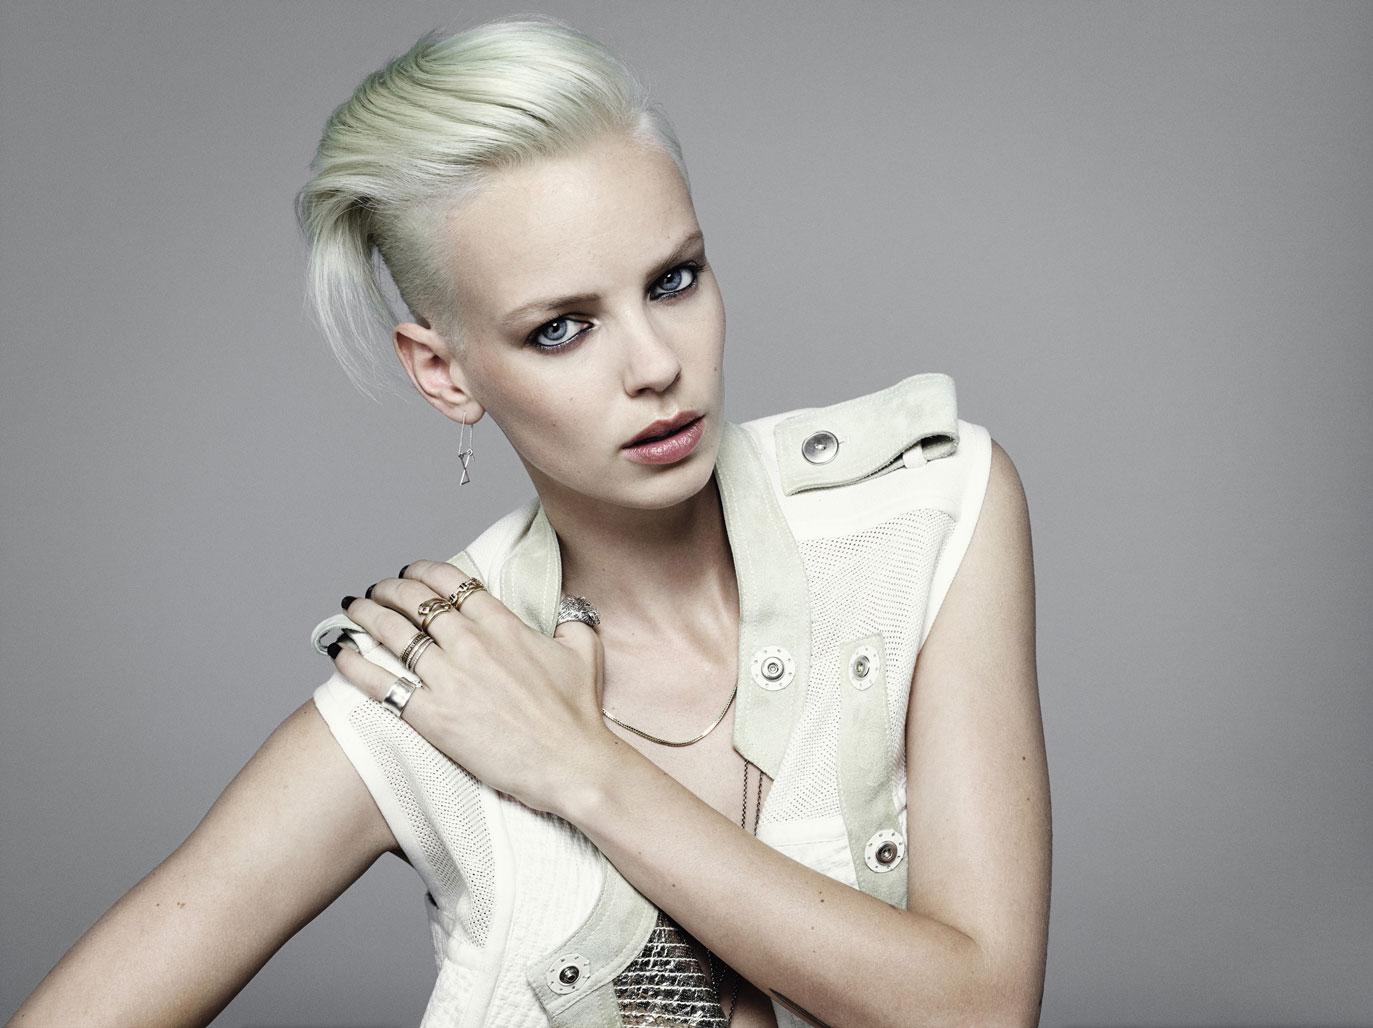 Frisur Farbe Das Neue Blond Im Pixie Cut Hagel Blog